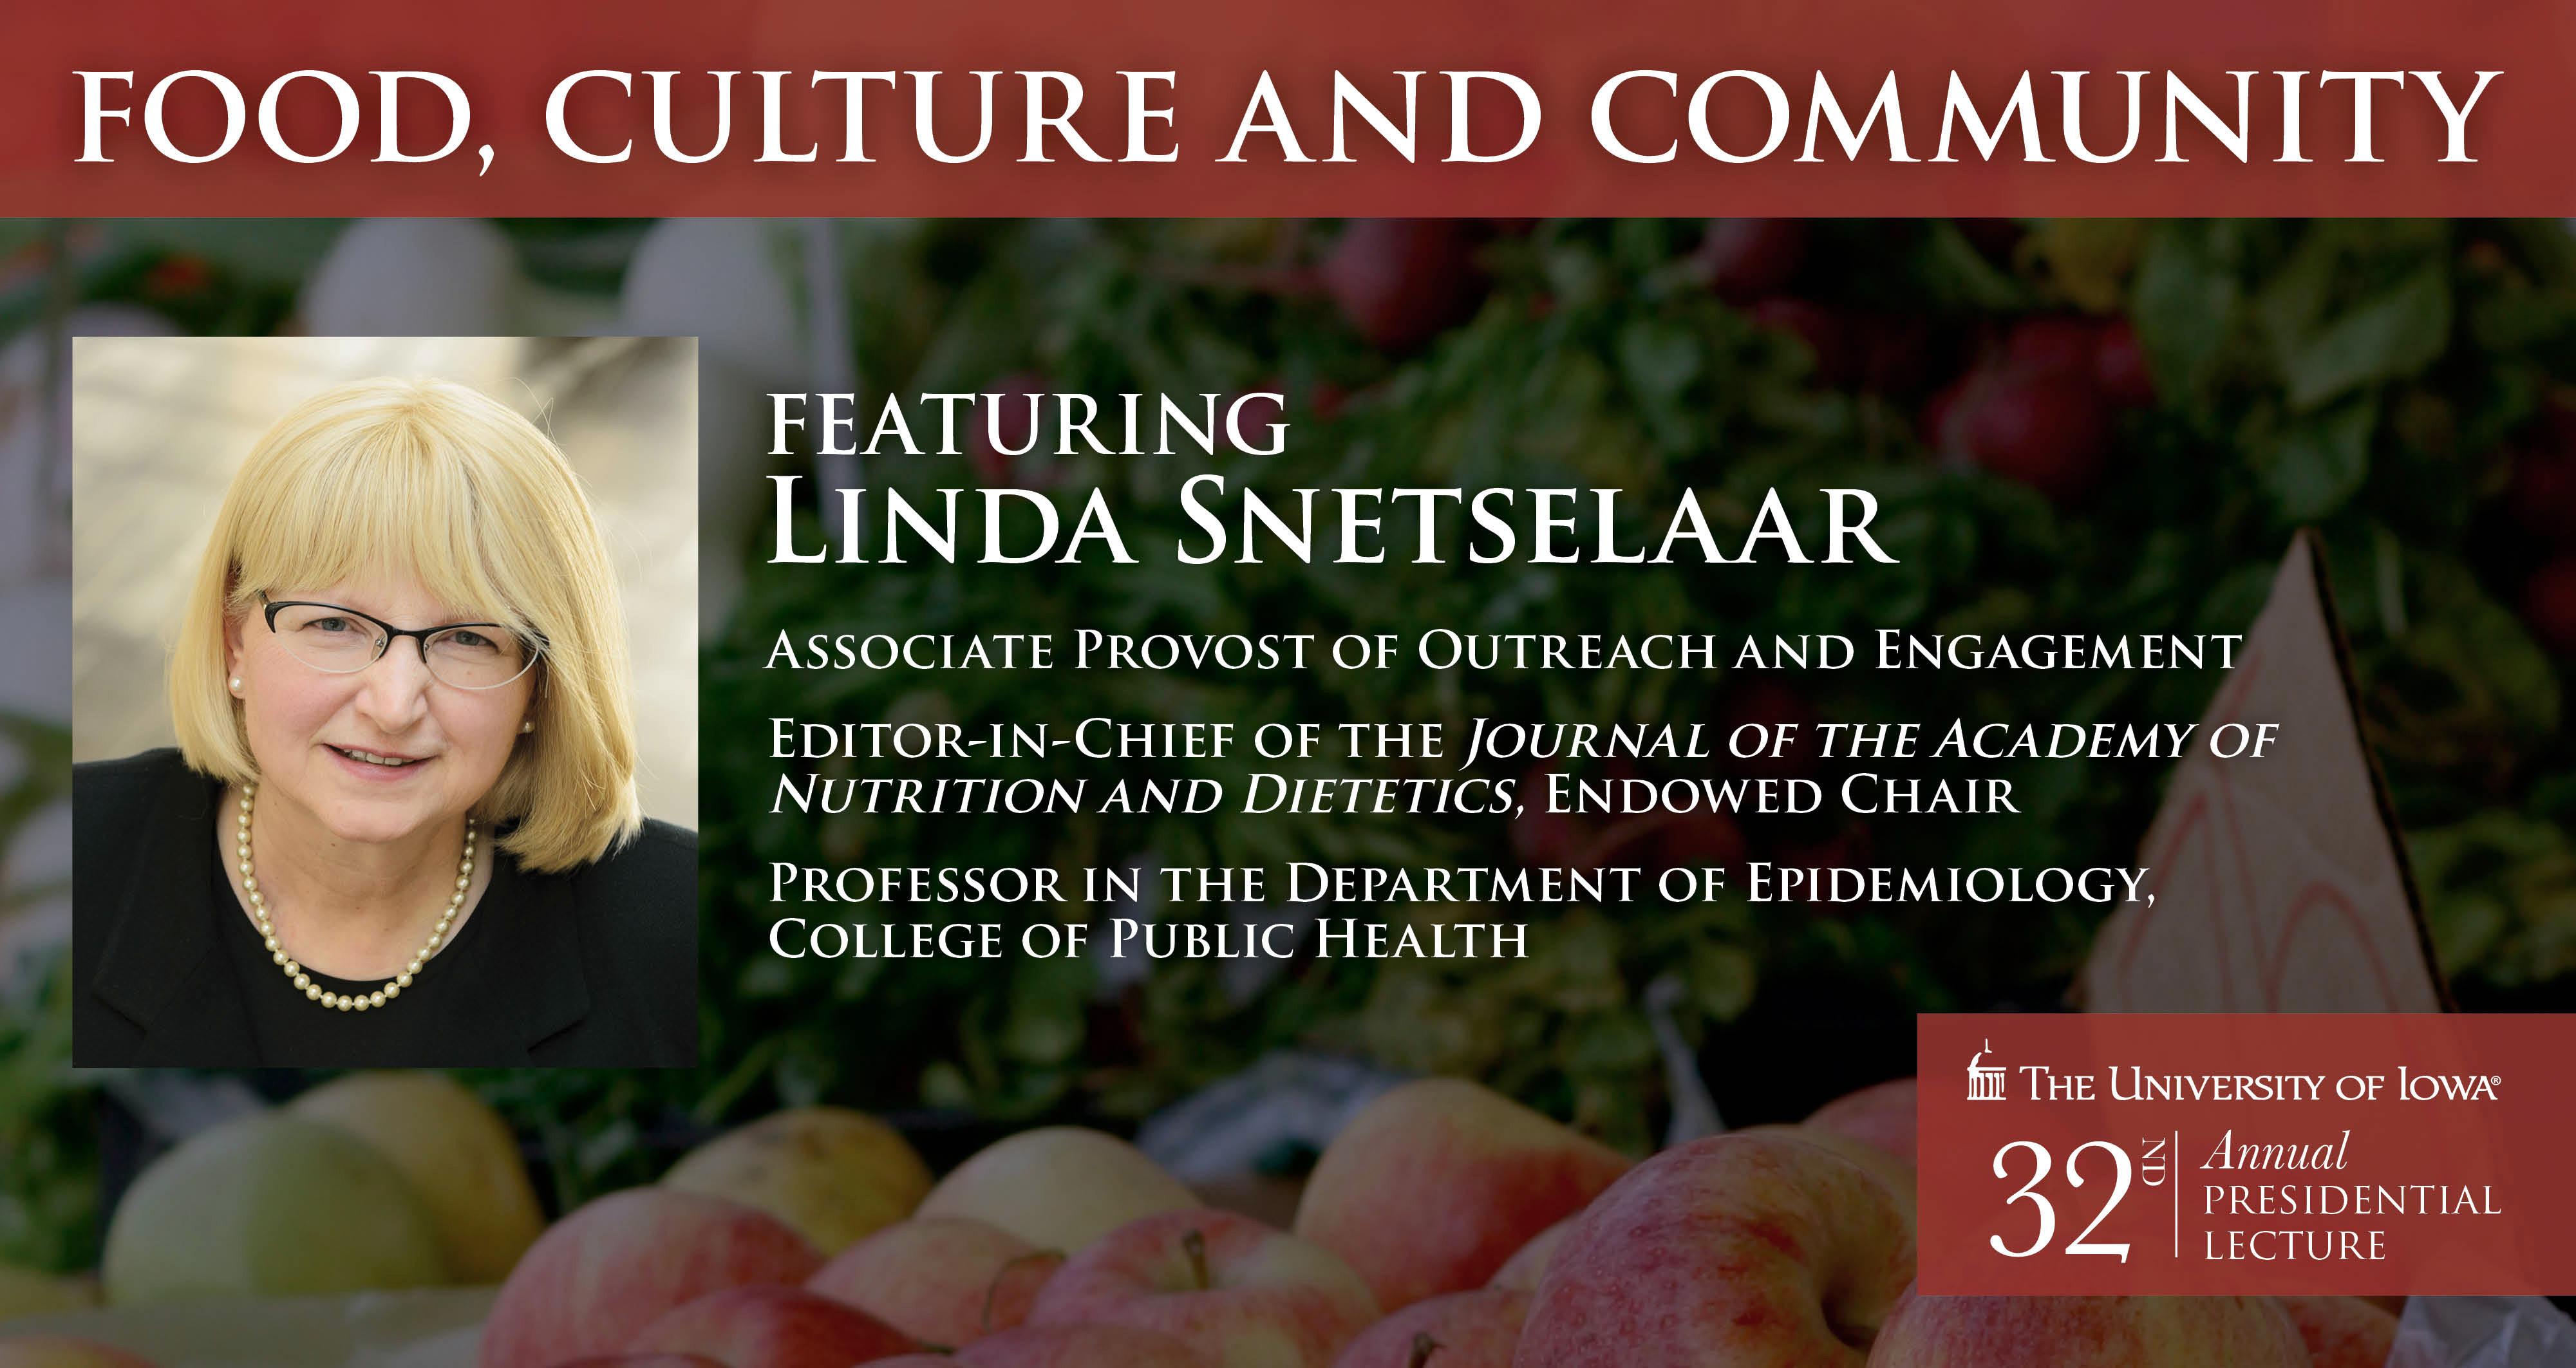 Linda Snetselaar Presidential Lecture